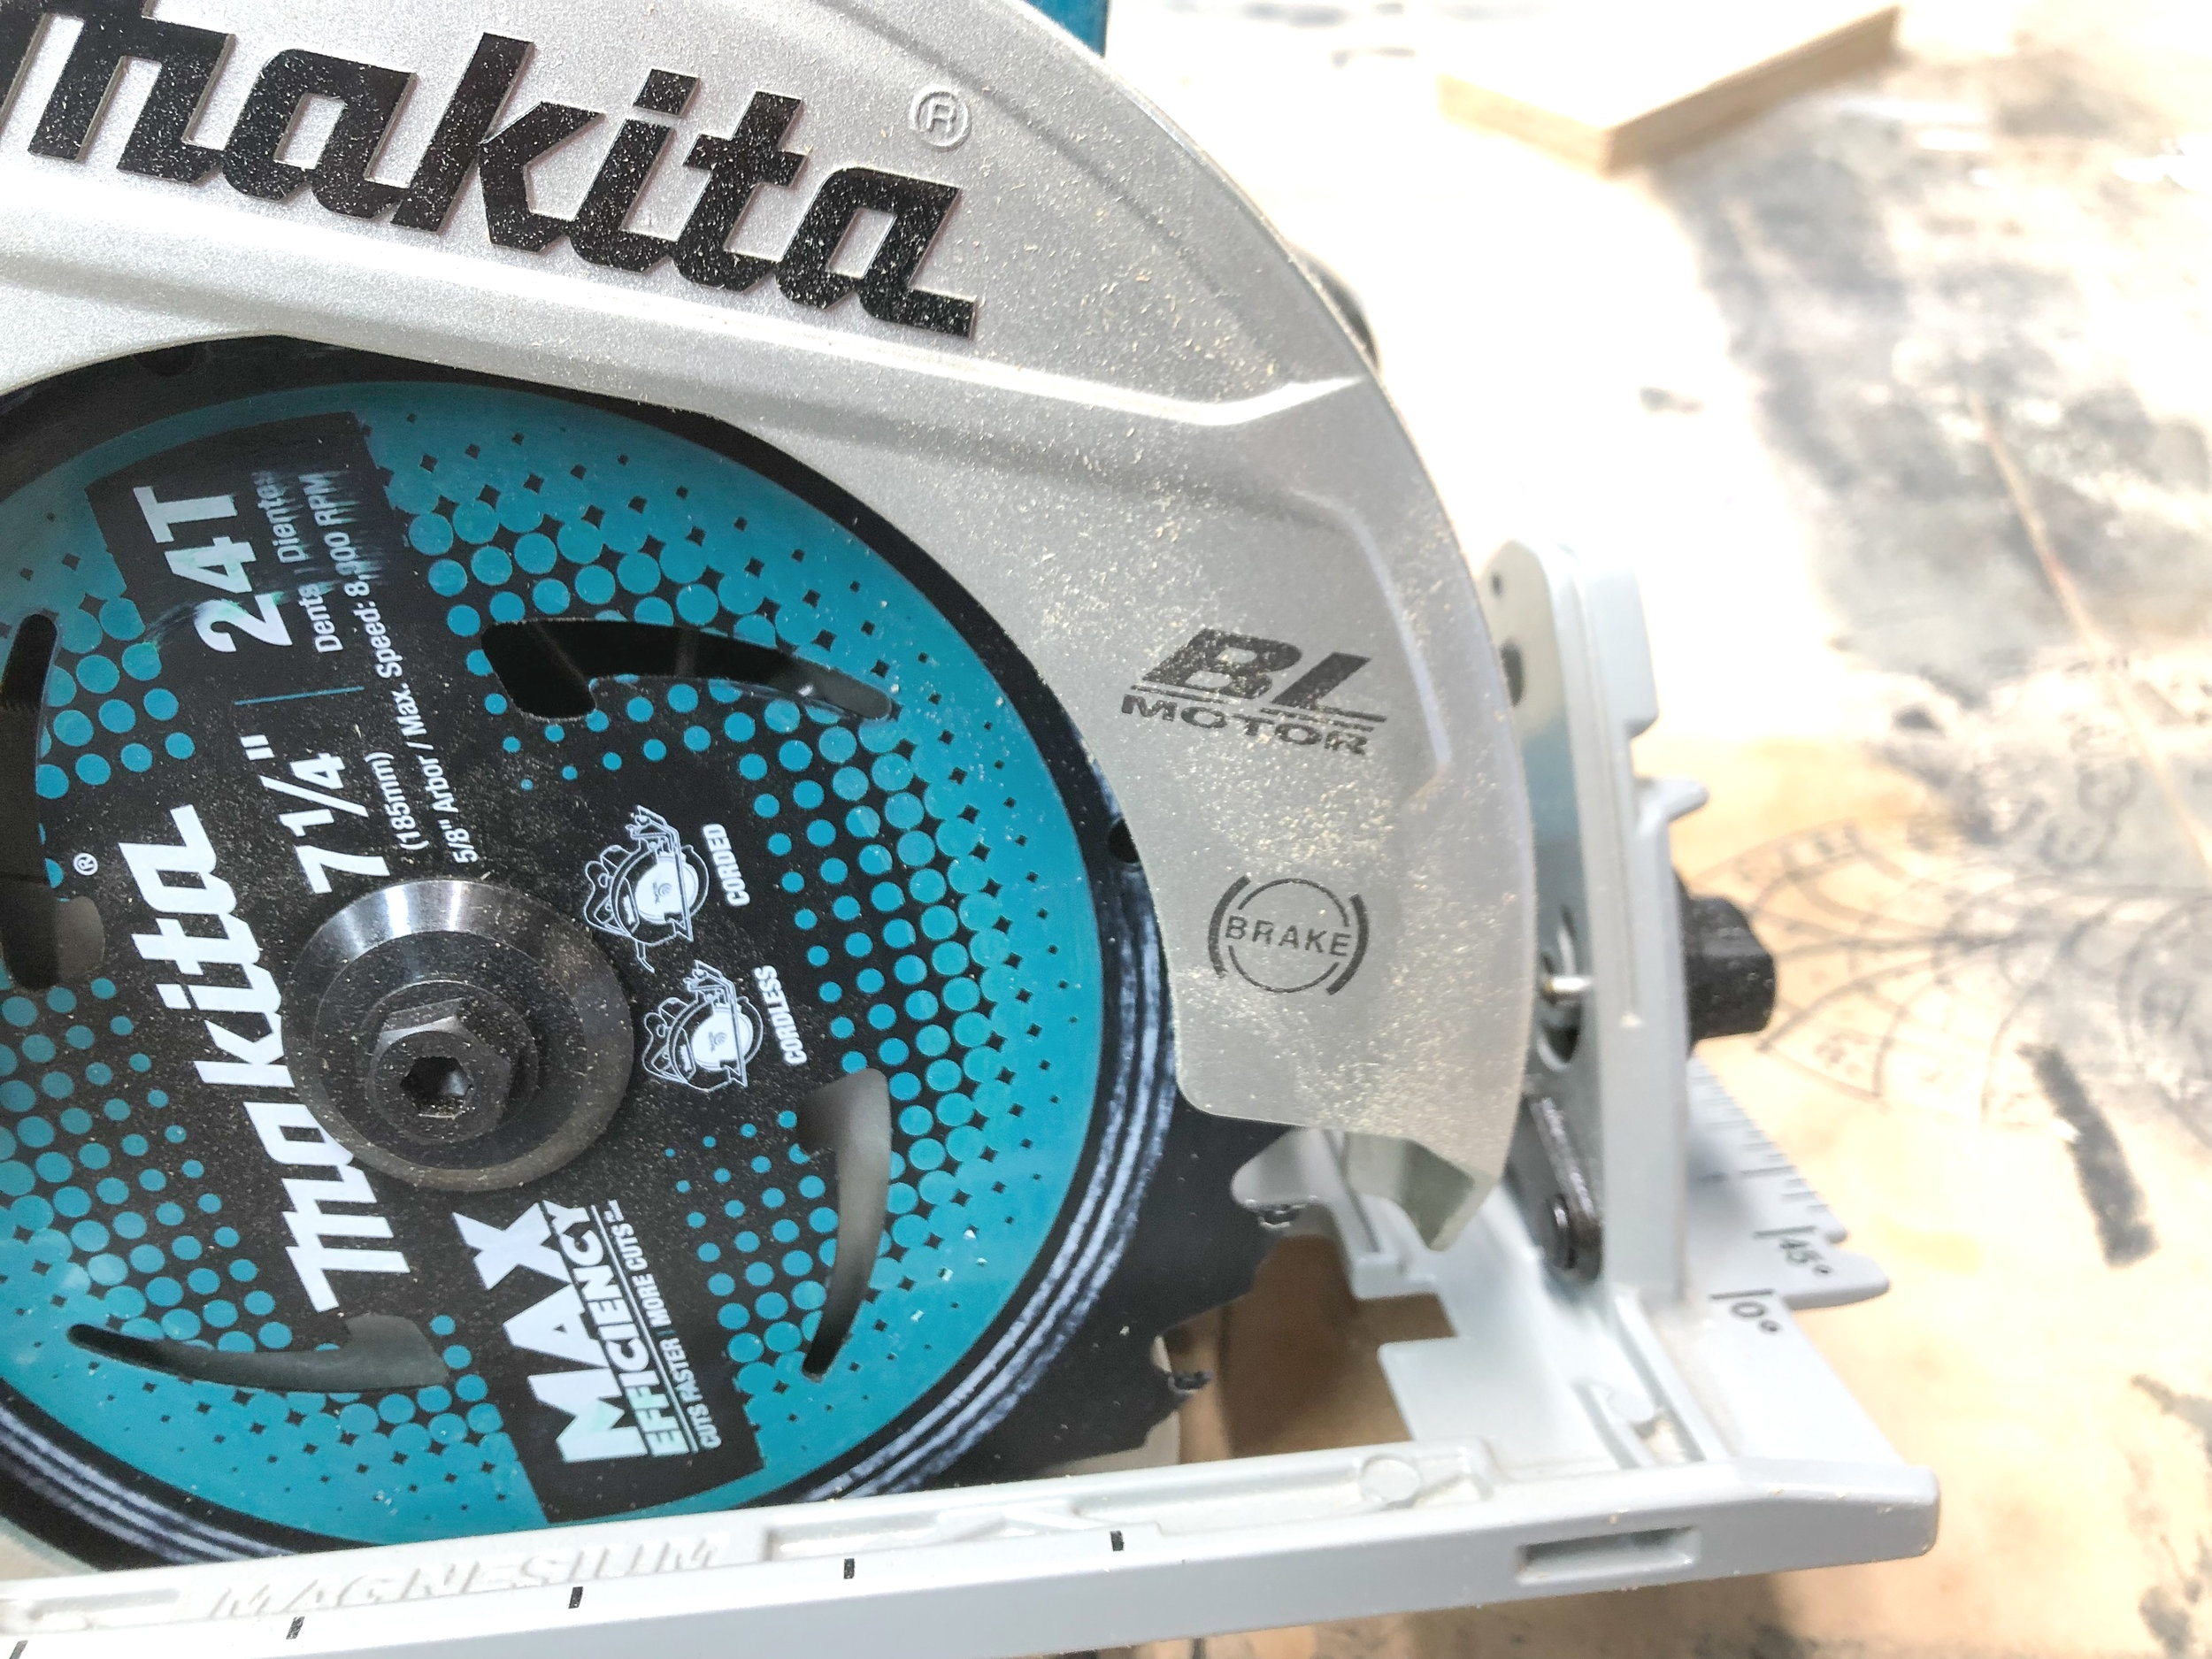 Makita cordless circular saw